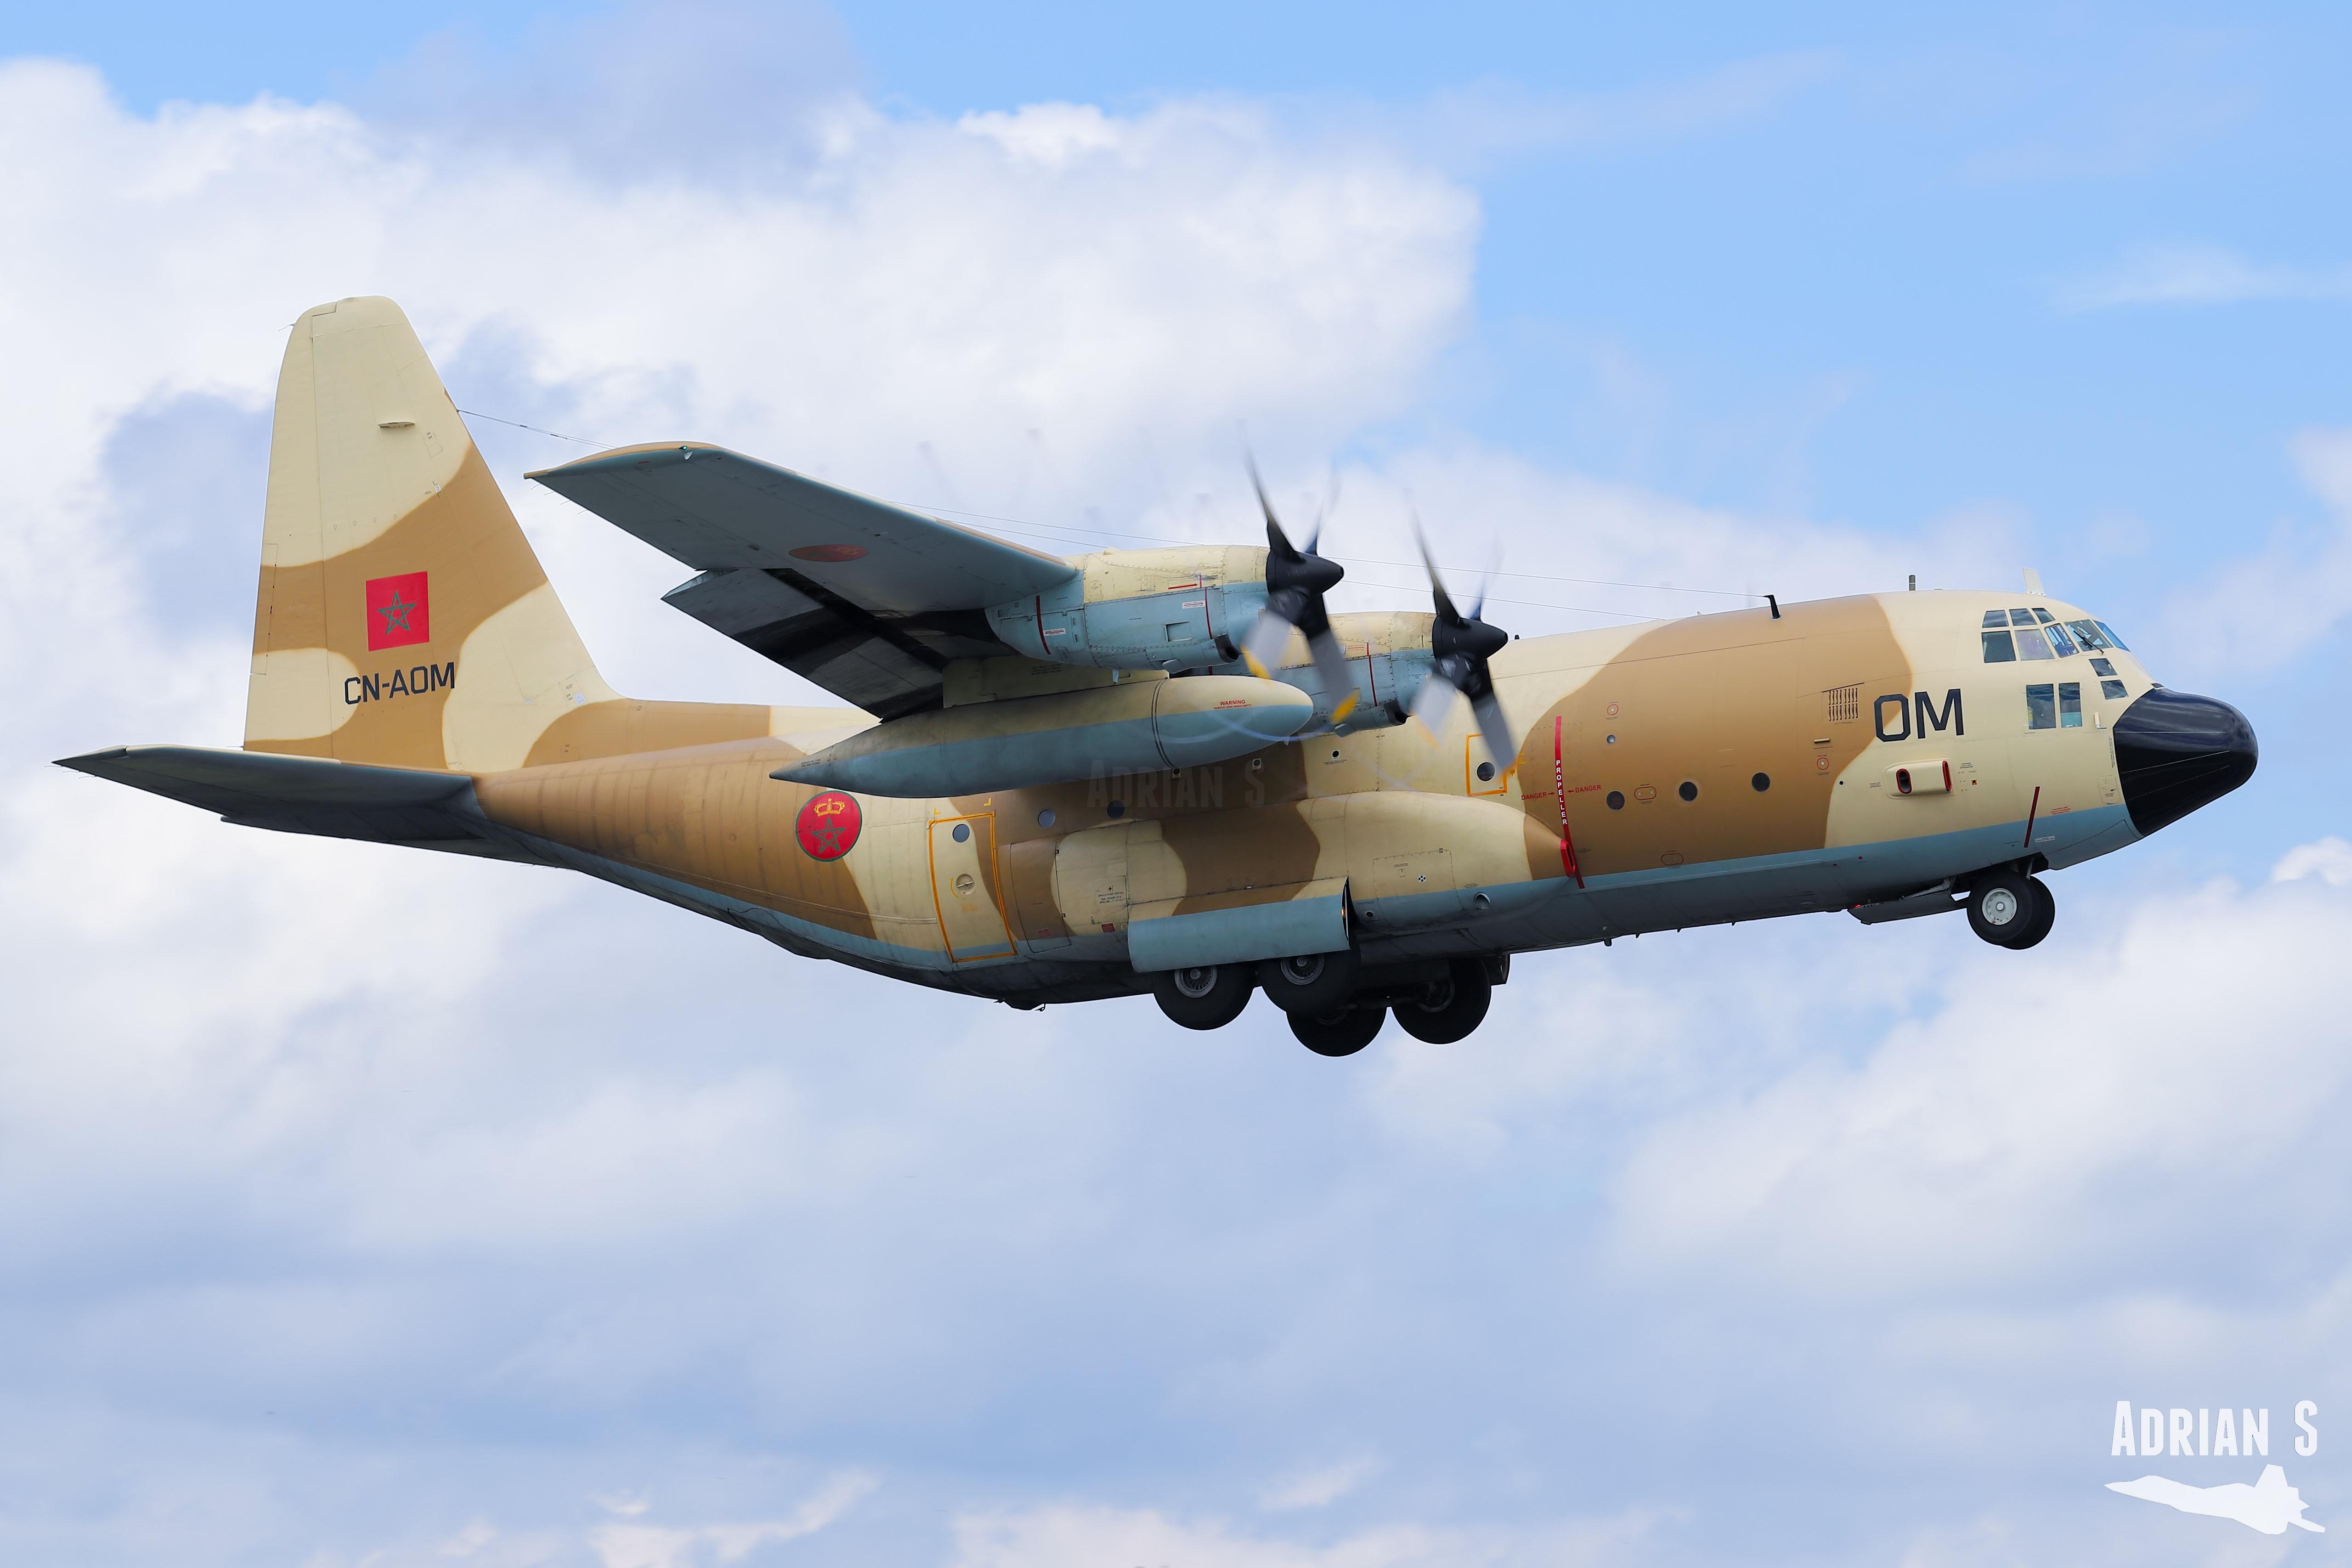 FRA: Photos d'avions de transport - Page 43 51266299613_d3d0d6980f_5k